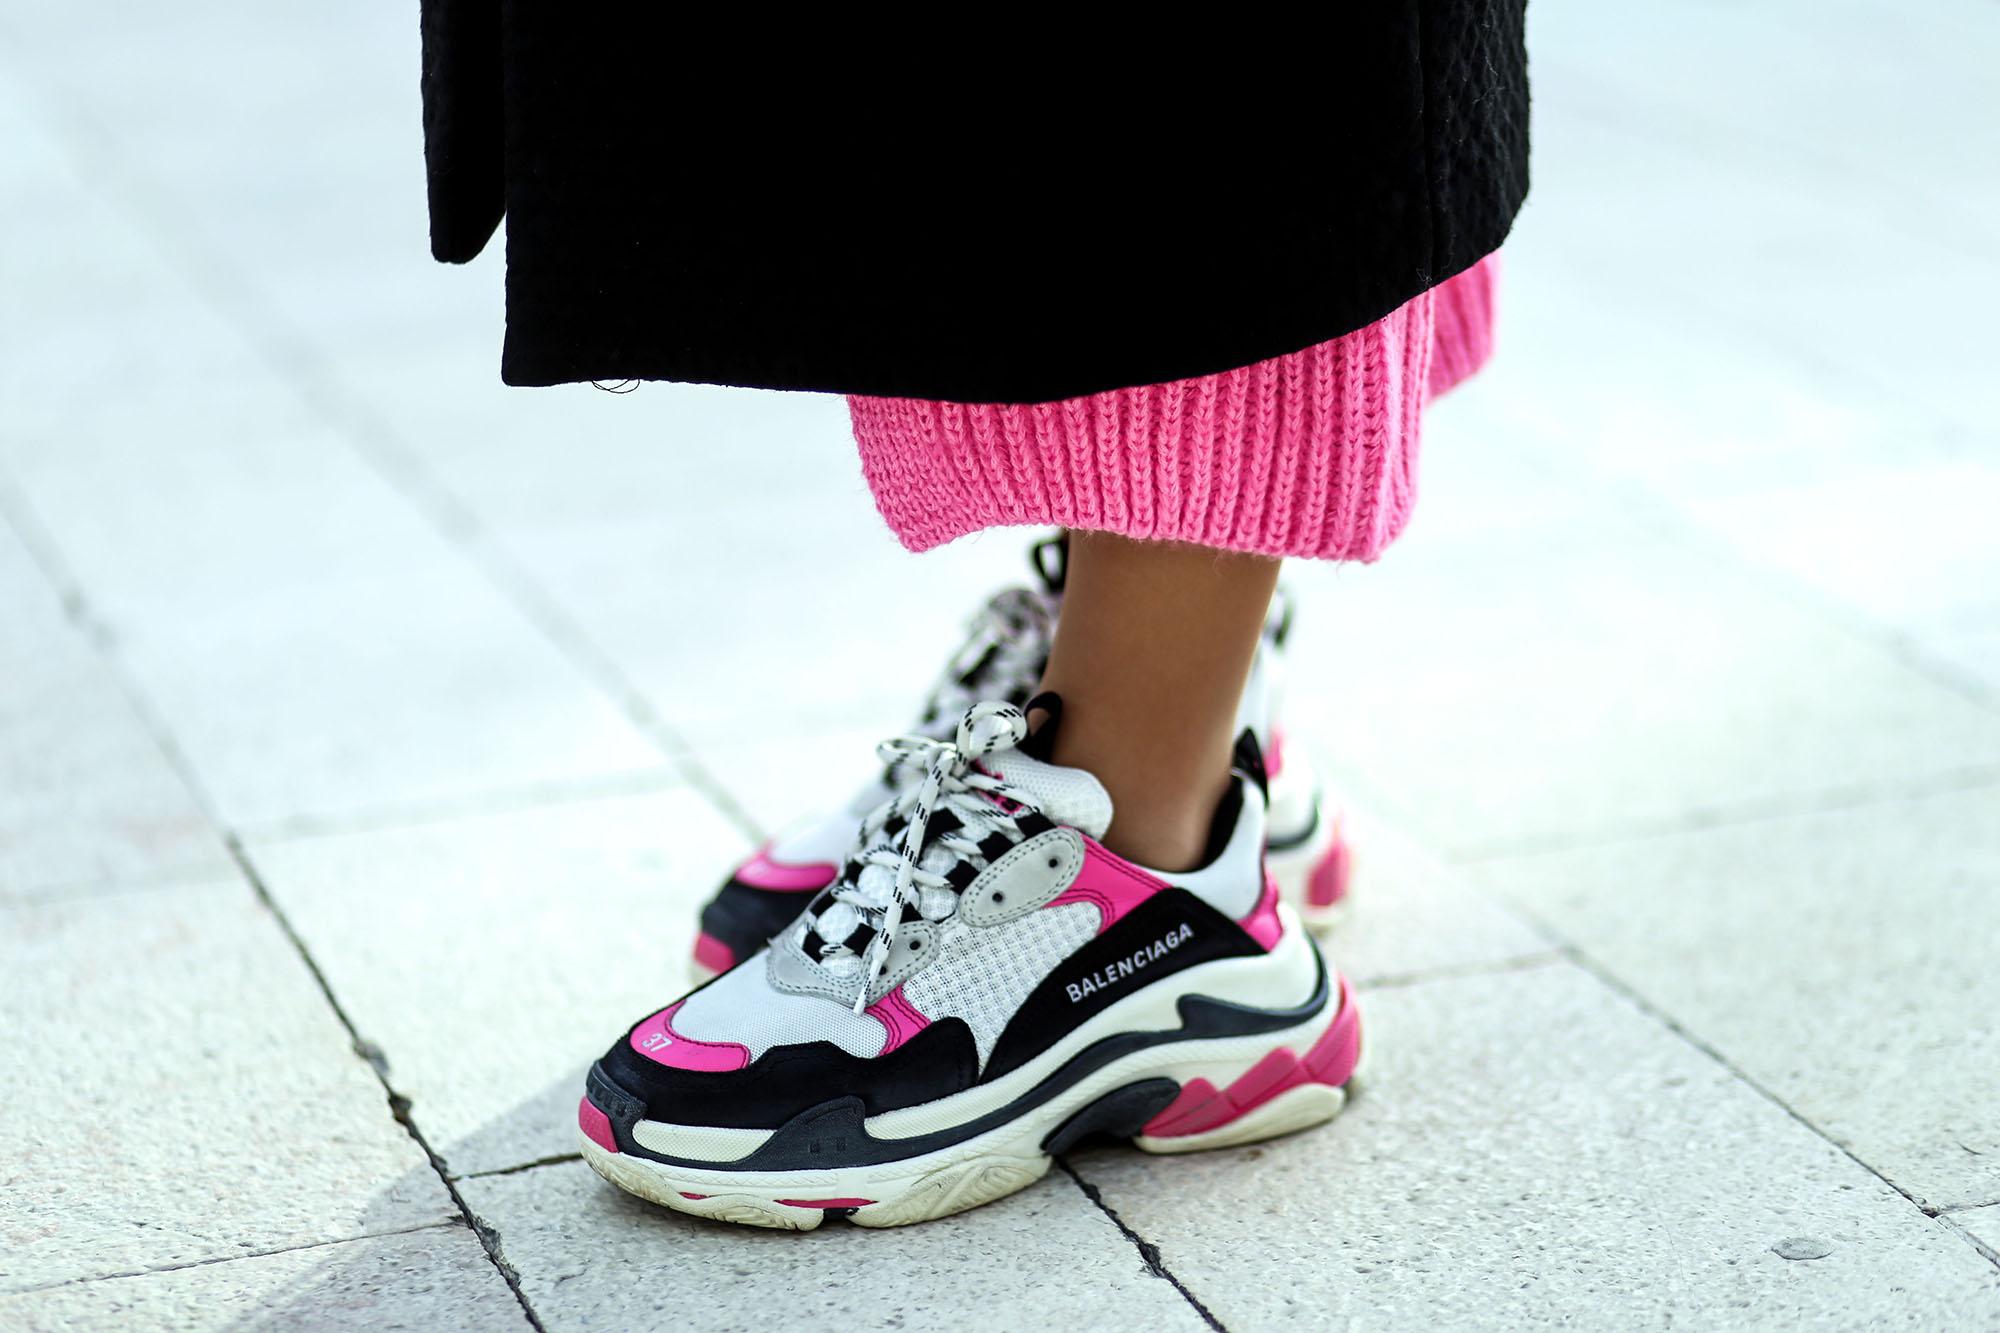 baskets Balenciaga